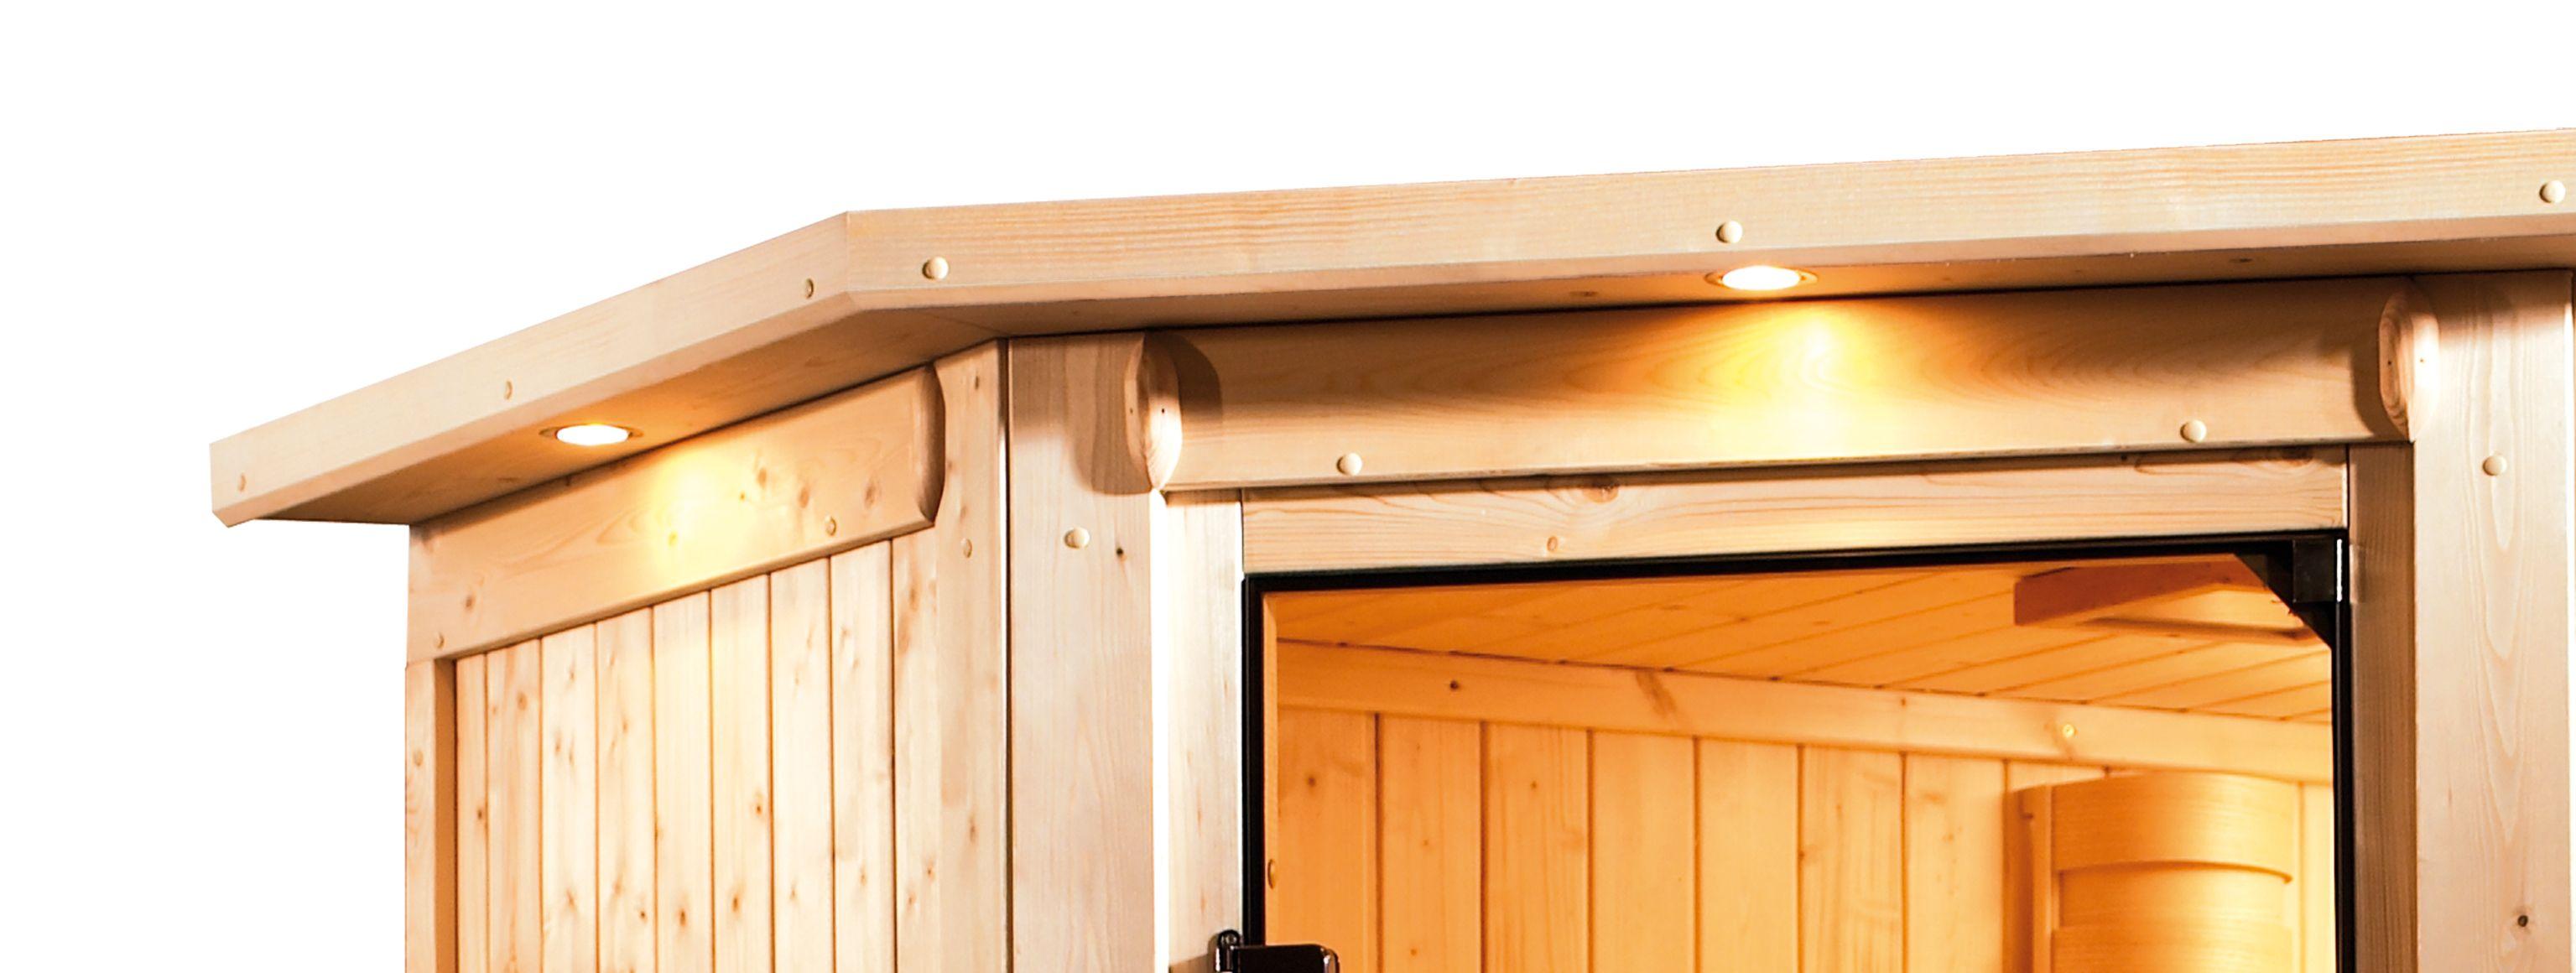 Karibu Sauna Ainur 68mm Superior Kranz Bio Saunaofen 9kW extern Bild 13